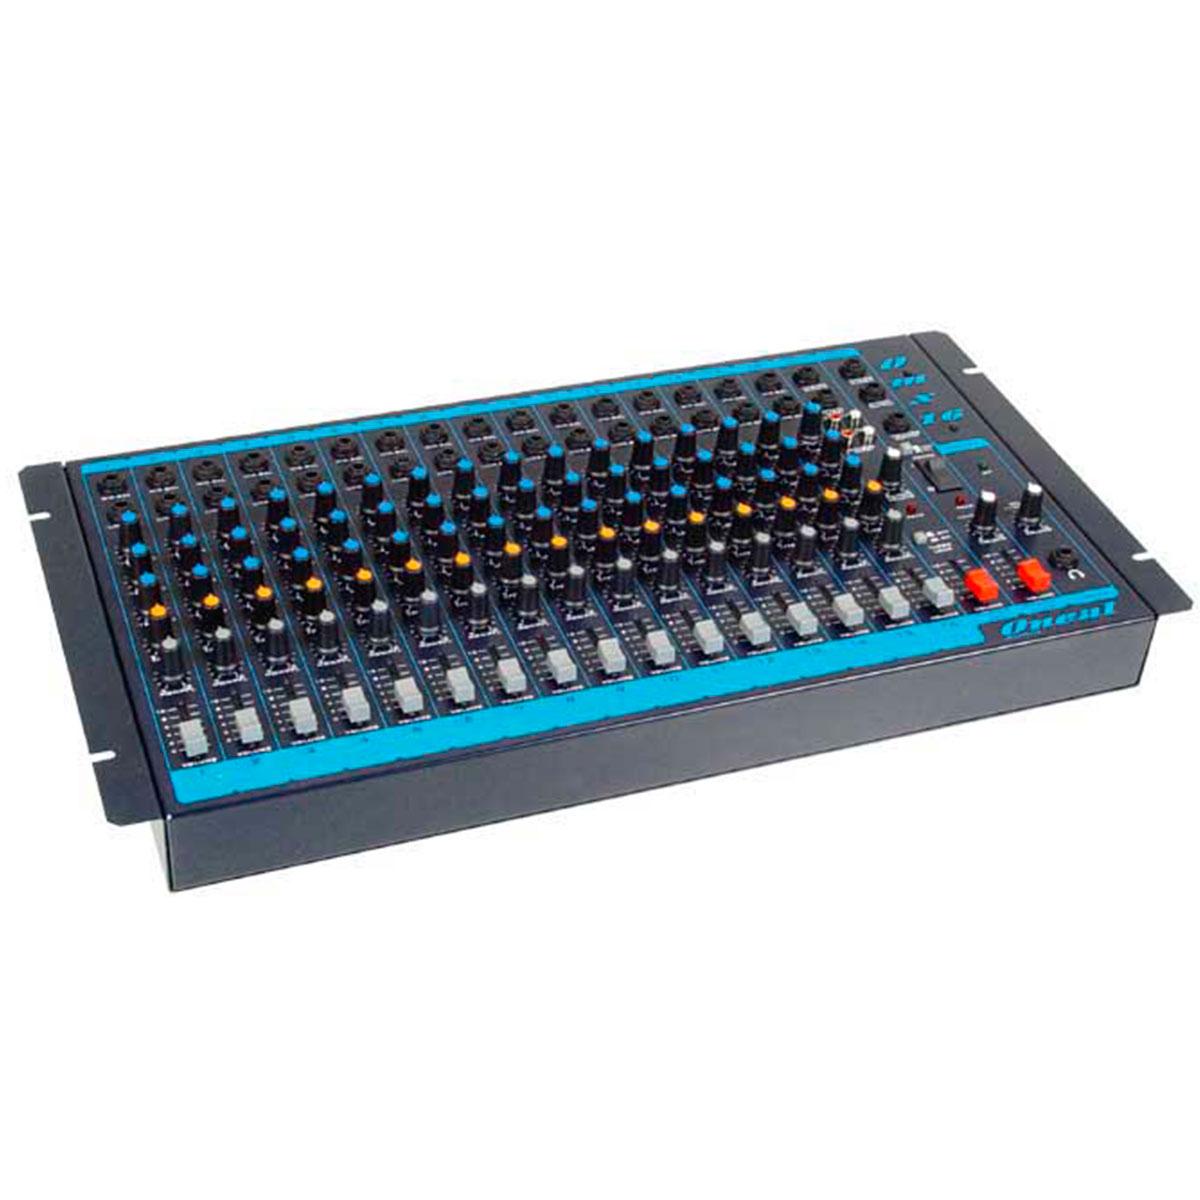 OMX16 - Mesa de Som / Mixer 16 Canais OMX 16 - Oneal